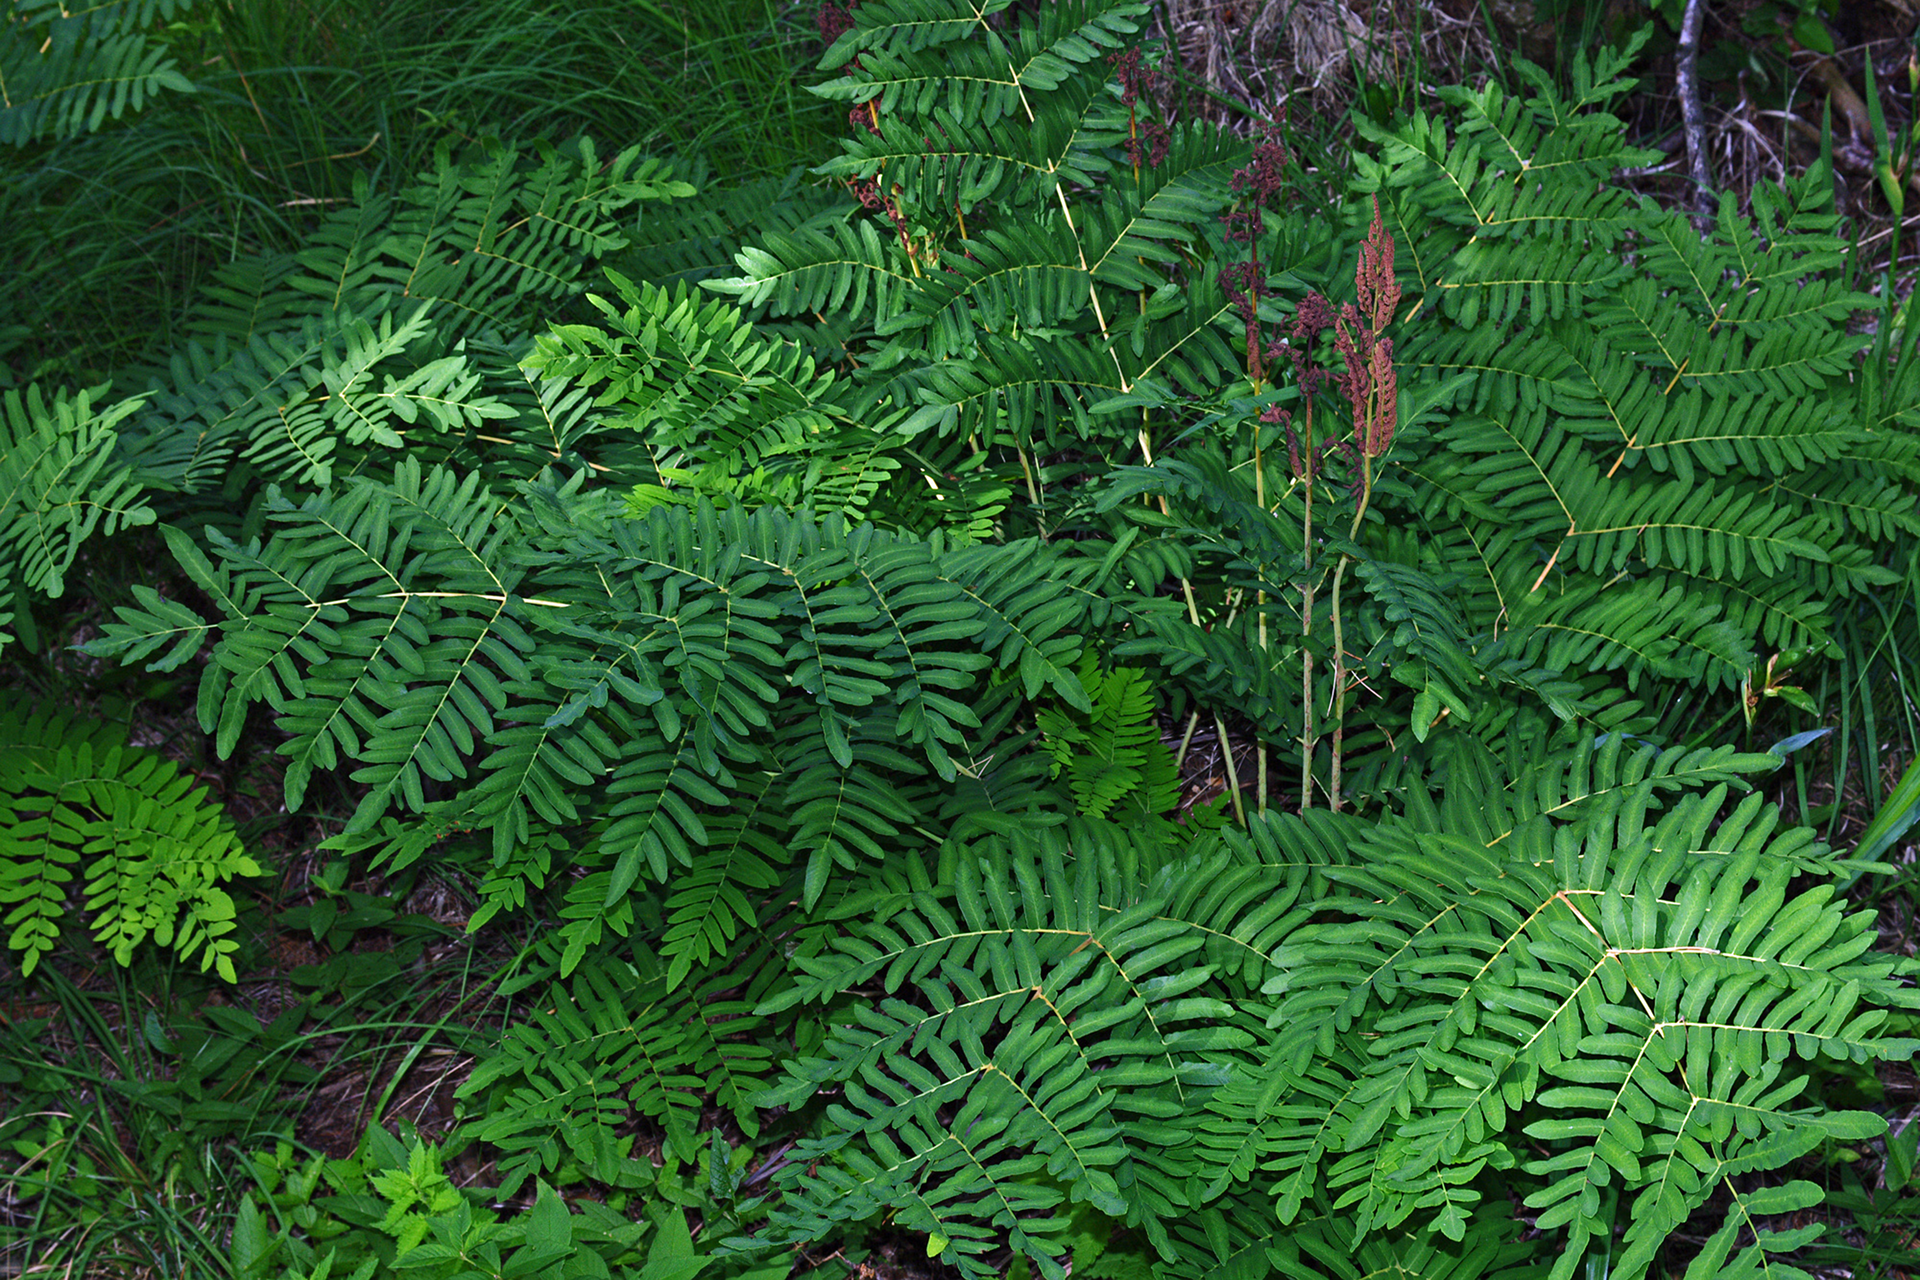 Fotografia przedstawia rozłożystą paproć odużych, pierzastych liściach. Między zielonymi liśćmi po prawej wznoszą się brązowe, wąskie liście . Pod liśćmi paproci wbrunatnej ściółce rosną kępki trawy.